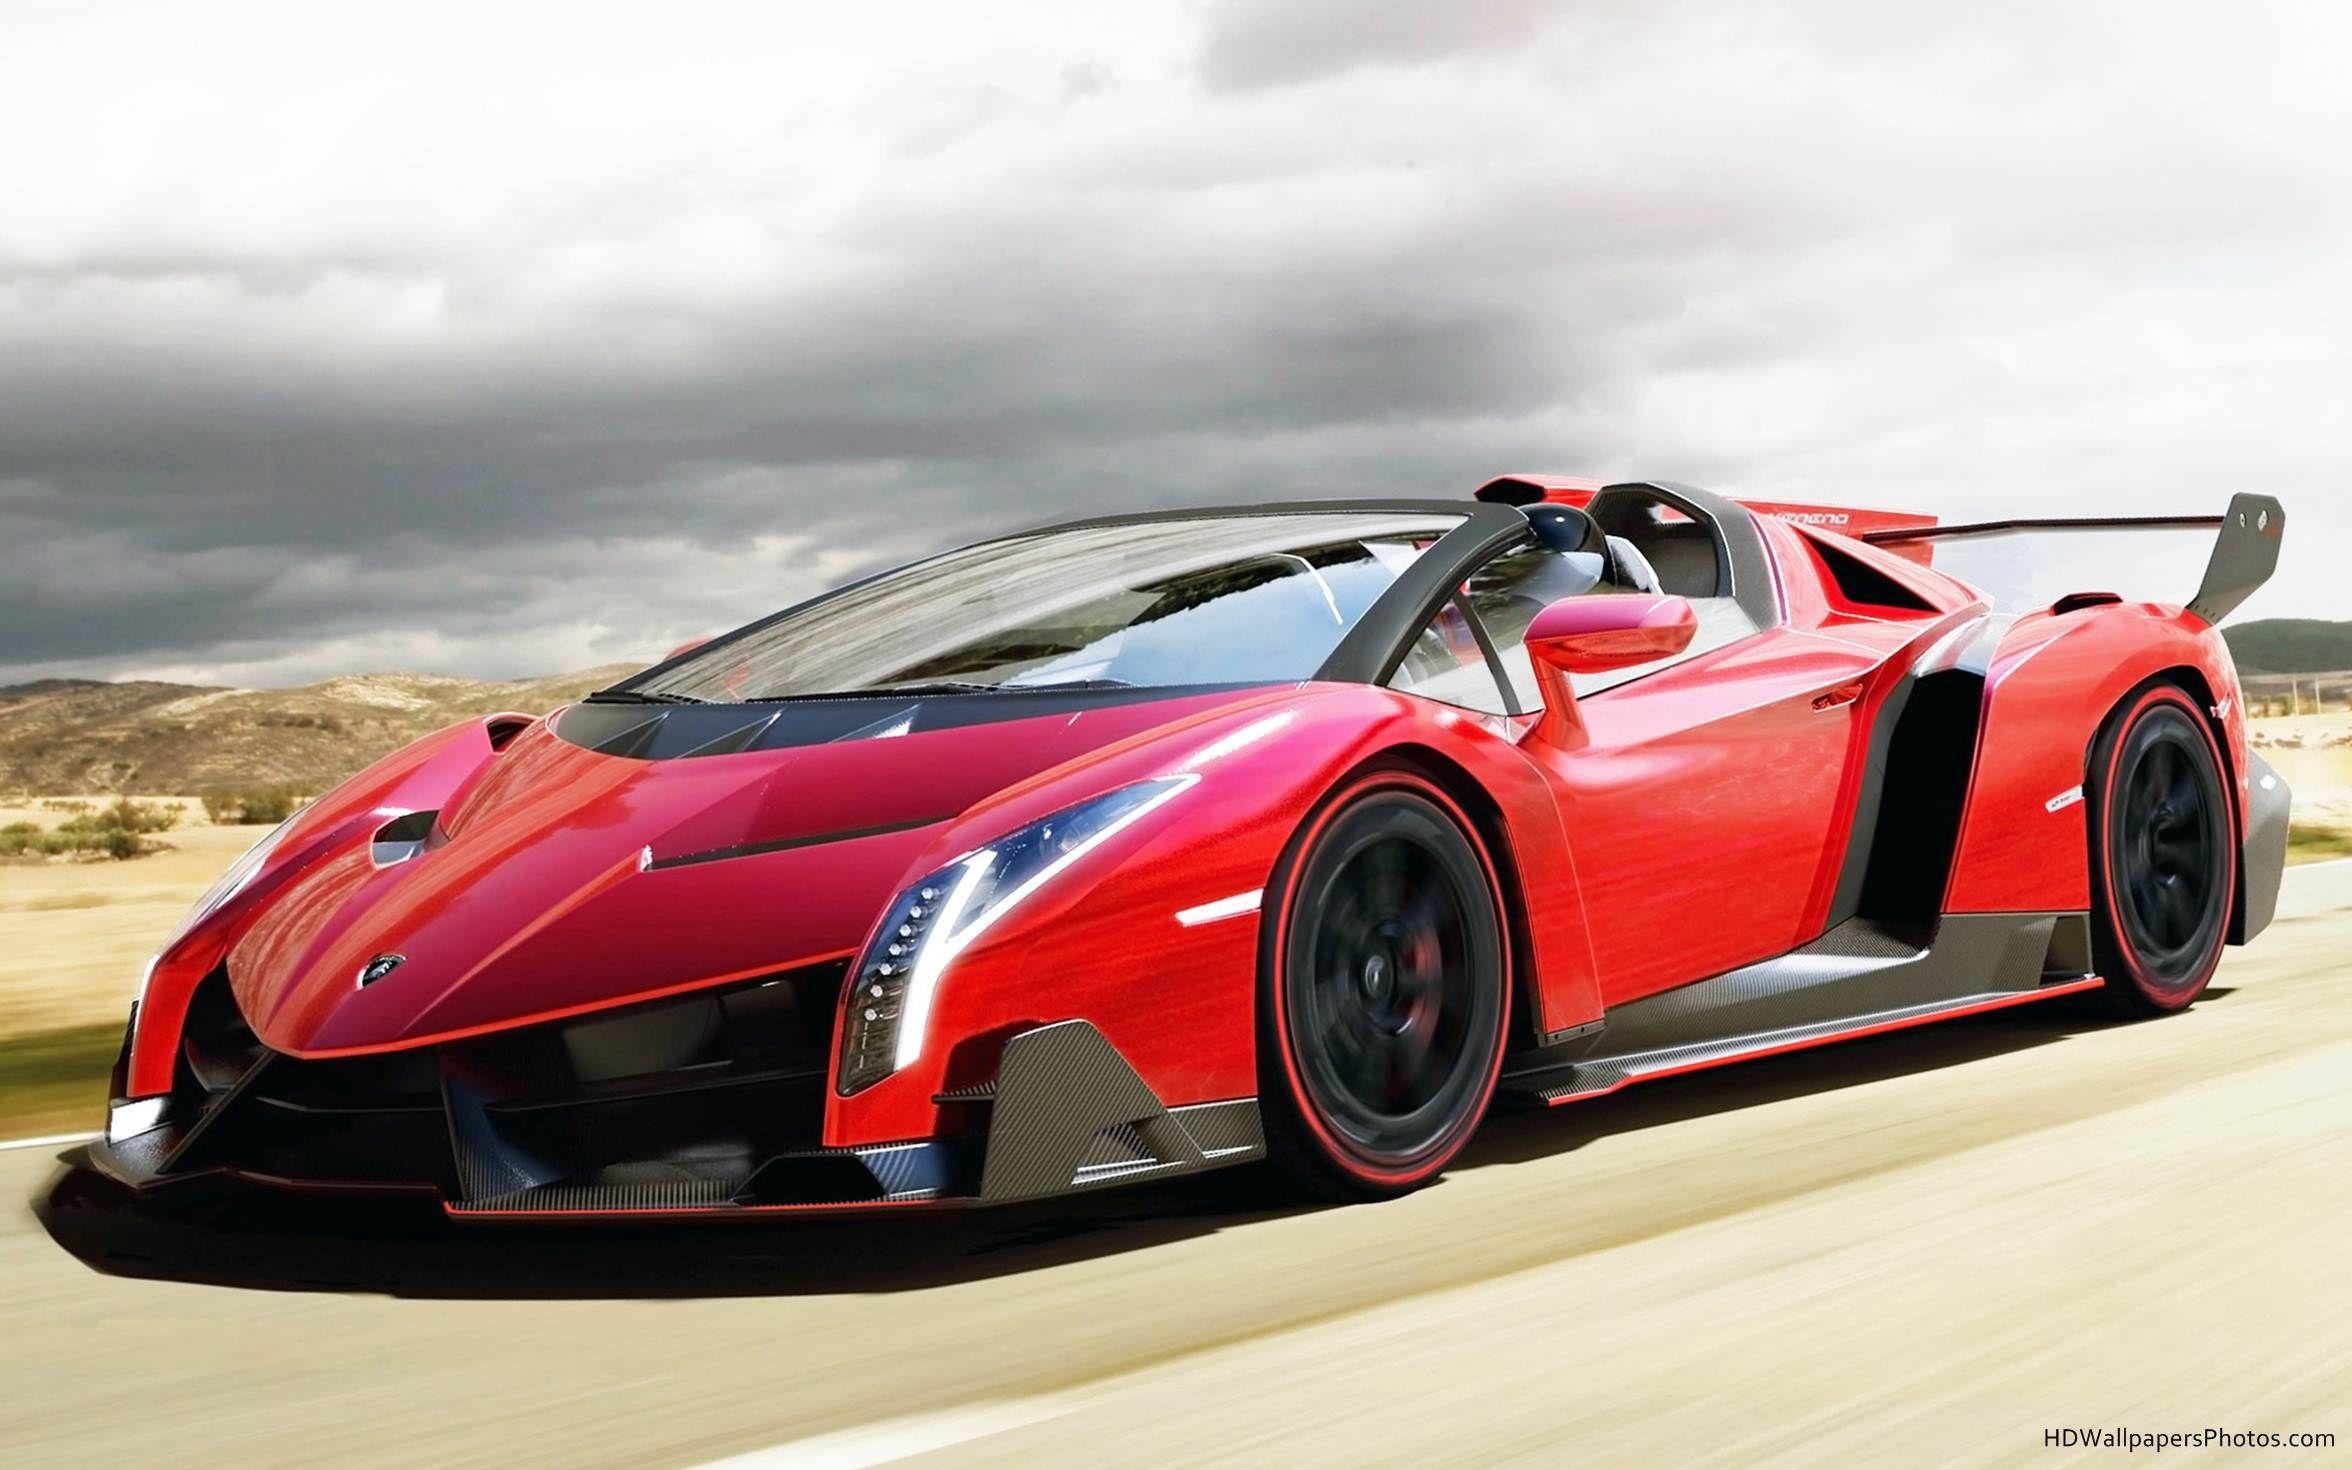 Driveclub Video Shows A Lamborghini Veneno Racing Around With